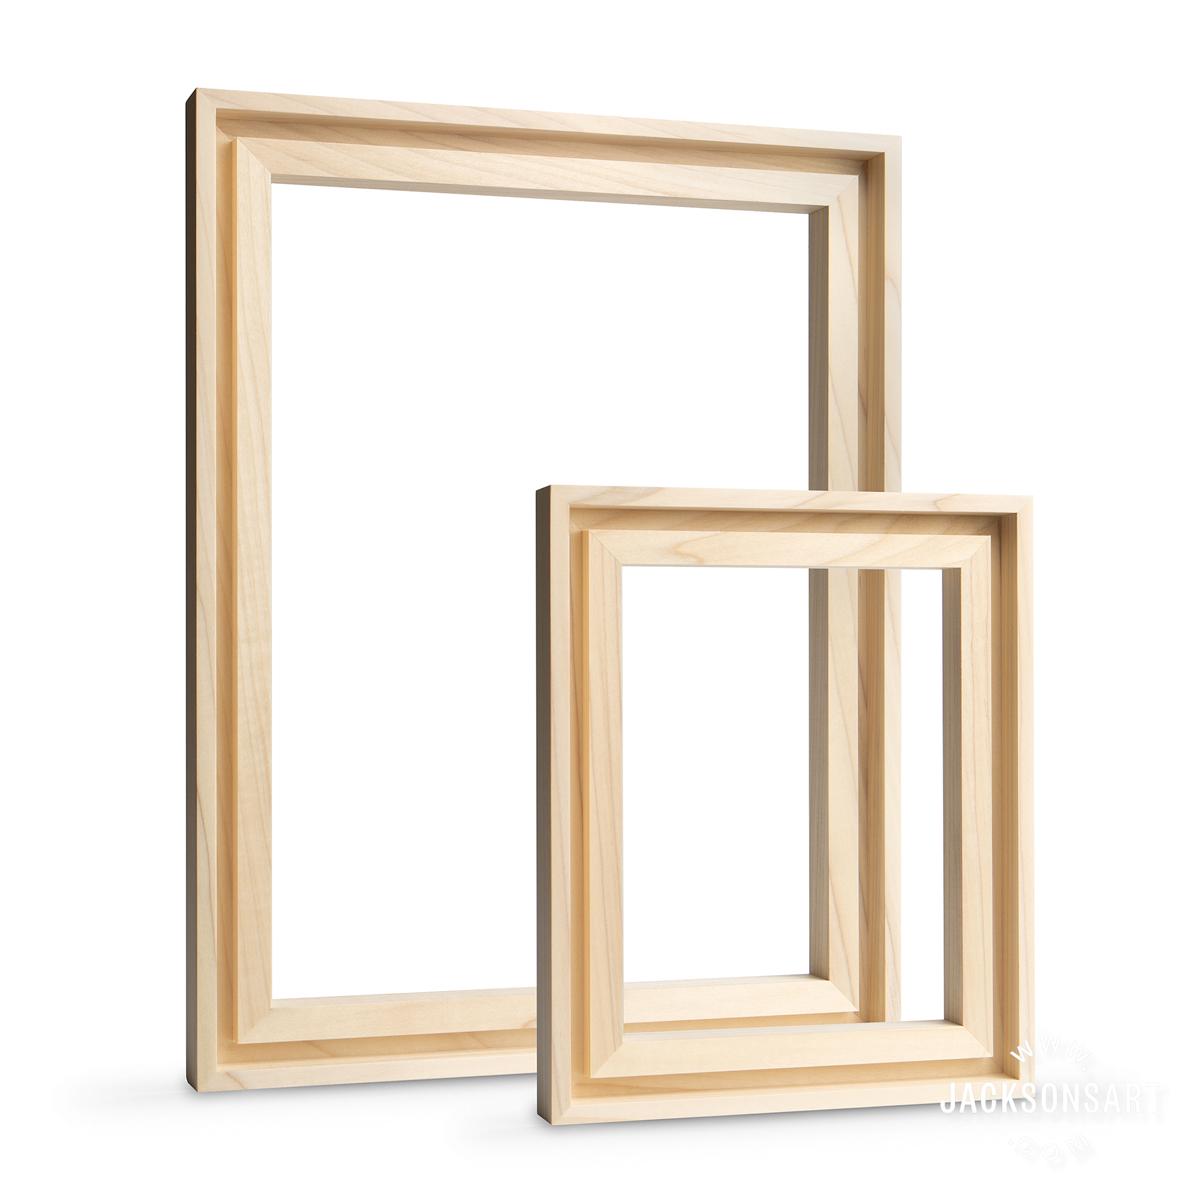 Jackson's Tulip Frame for Panels